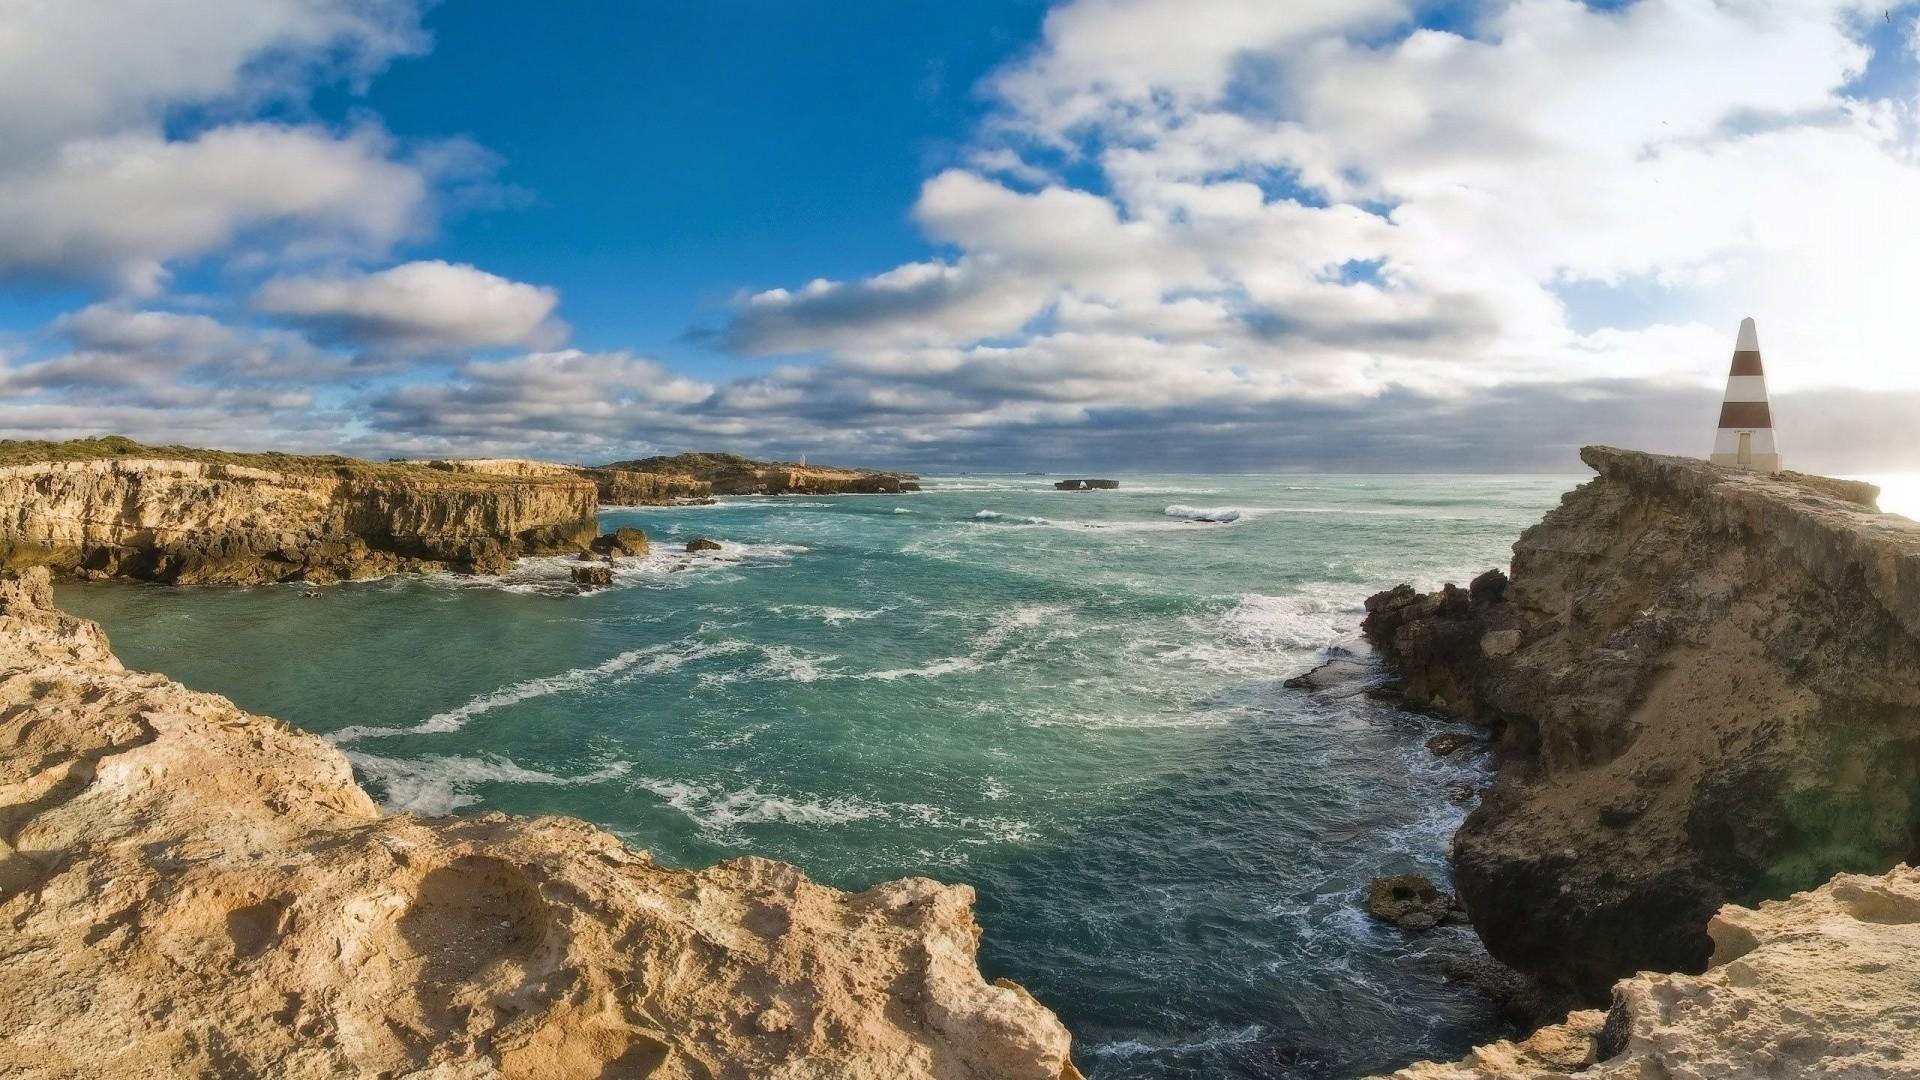 Beautiful rocky coastline wallpaper | AllWallpaper.in #15499 | PC | en